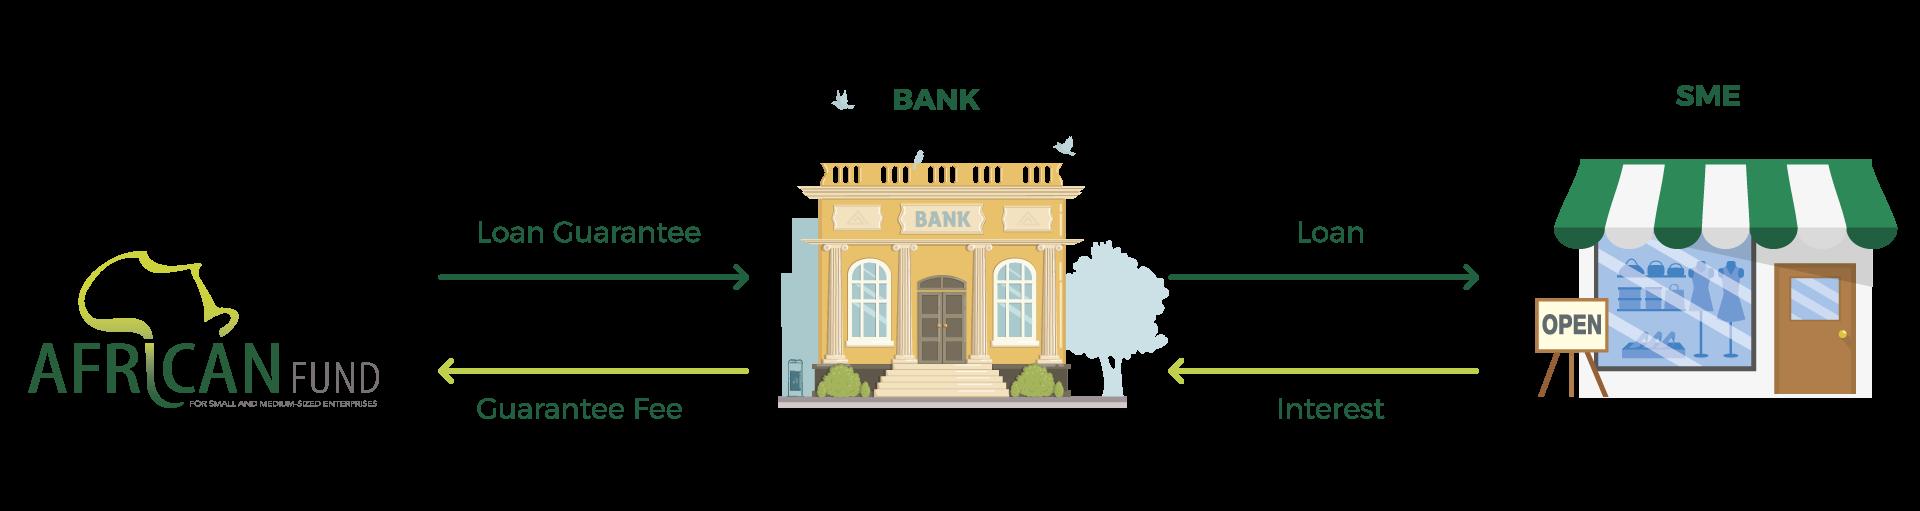 Loan Individual Guarantee African Guarantee Fund English